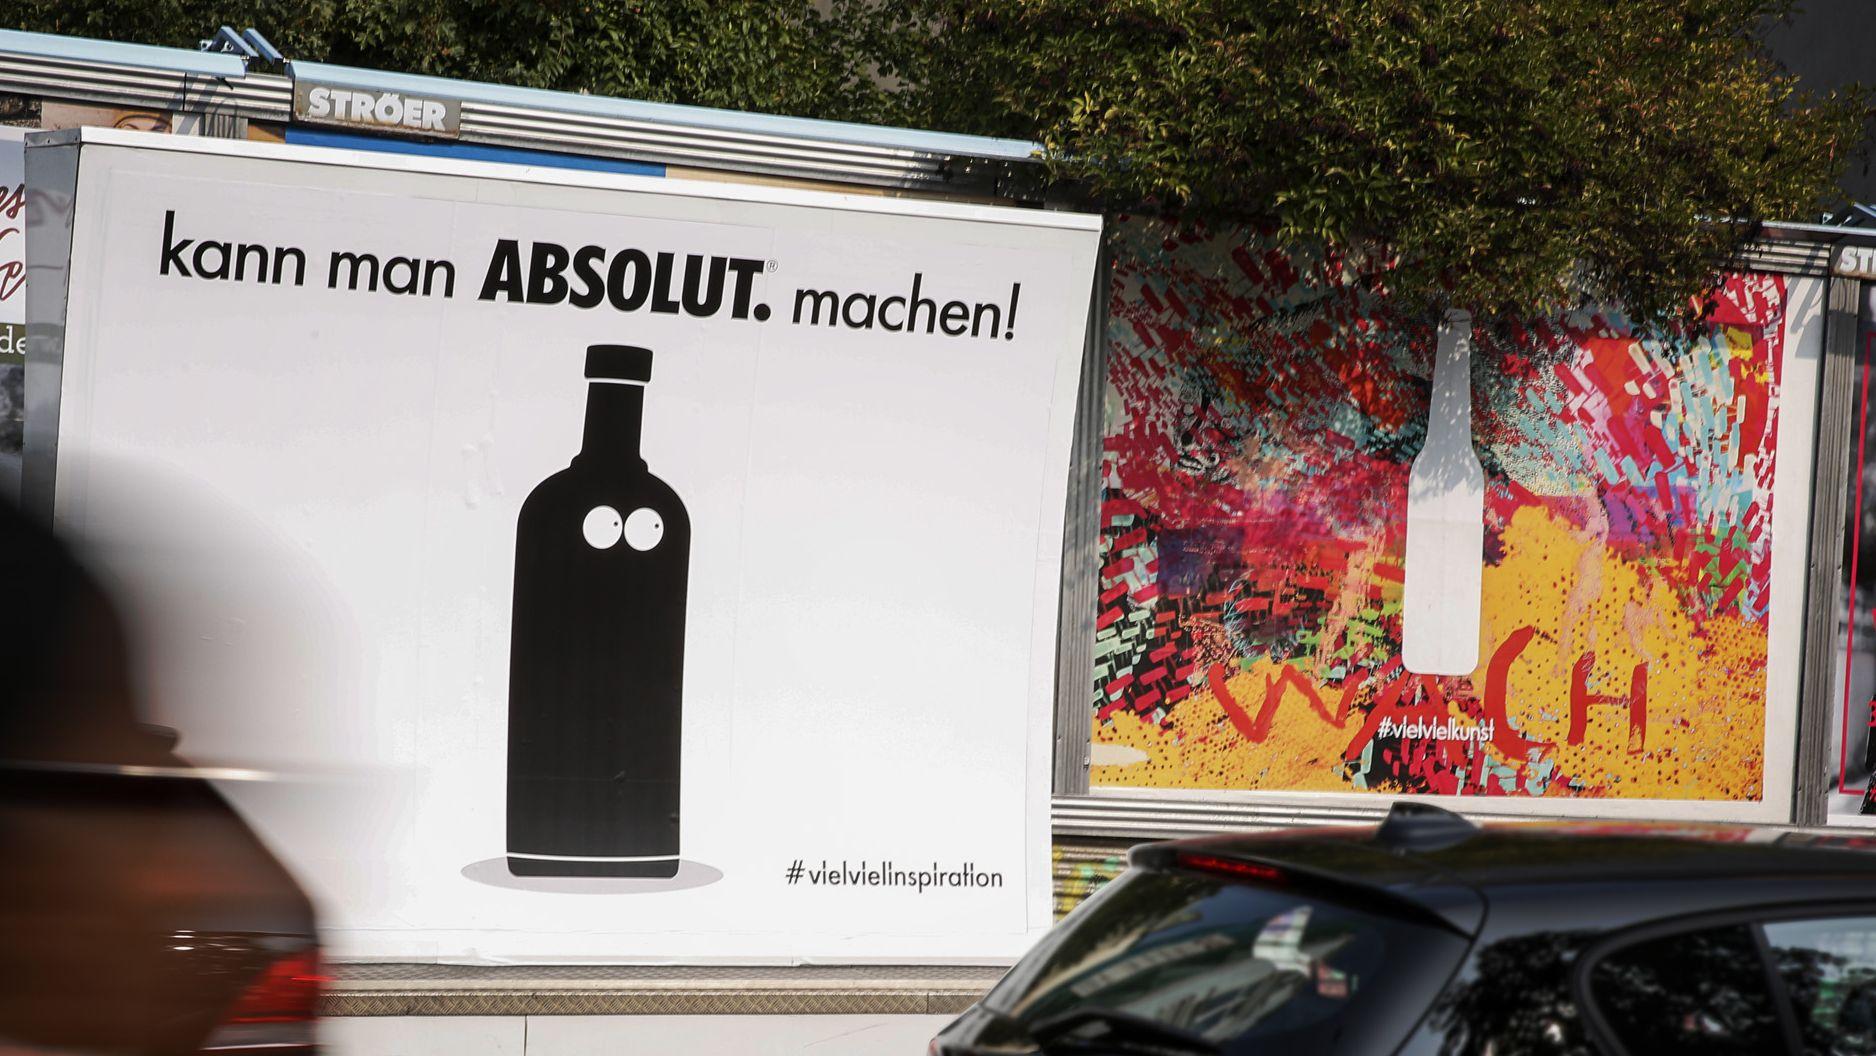 vielvielinspiration: So verulkt Absolut Vodka die Kampagne von Fritz ...